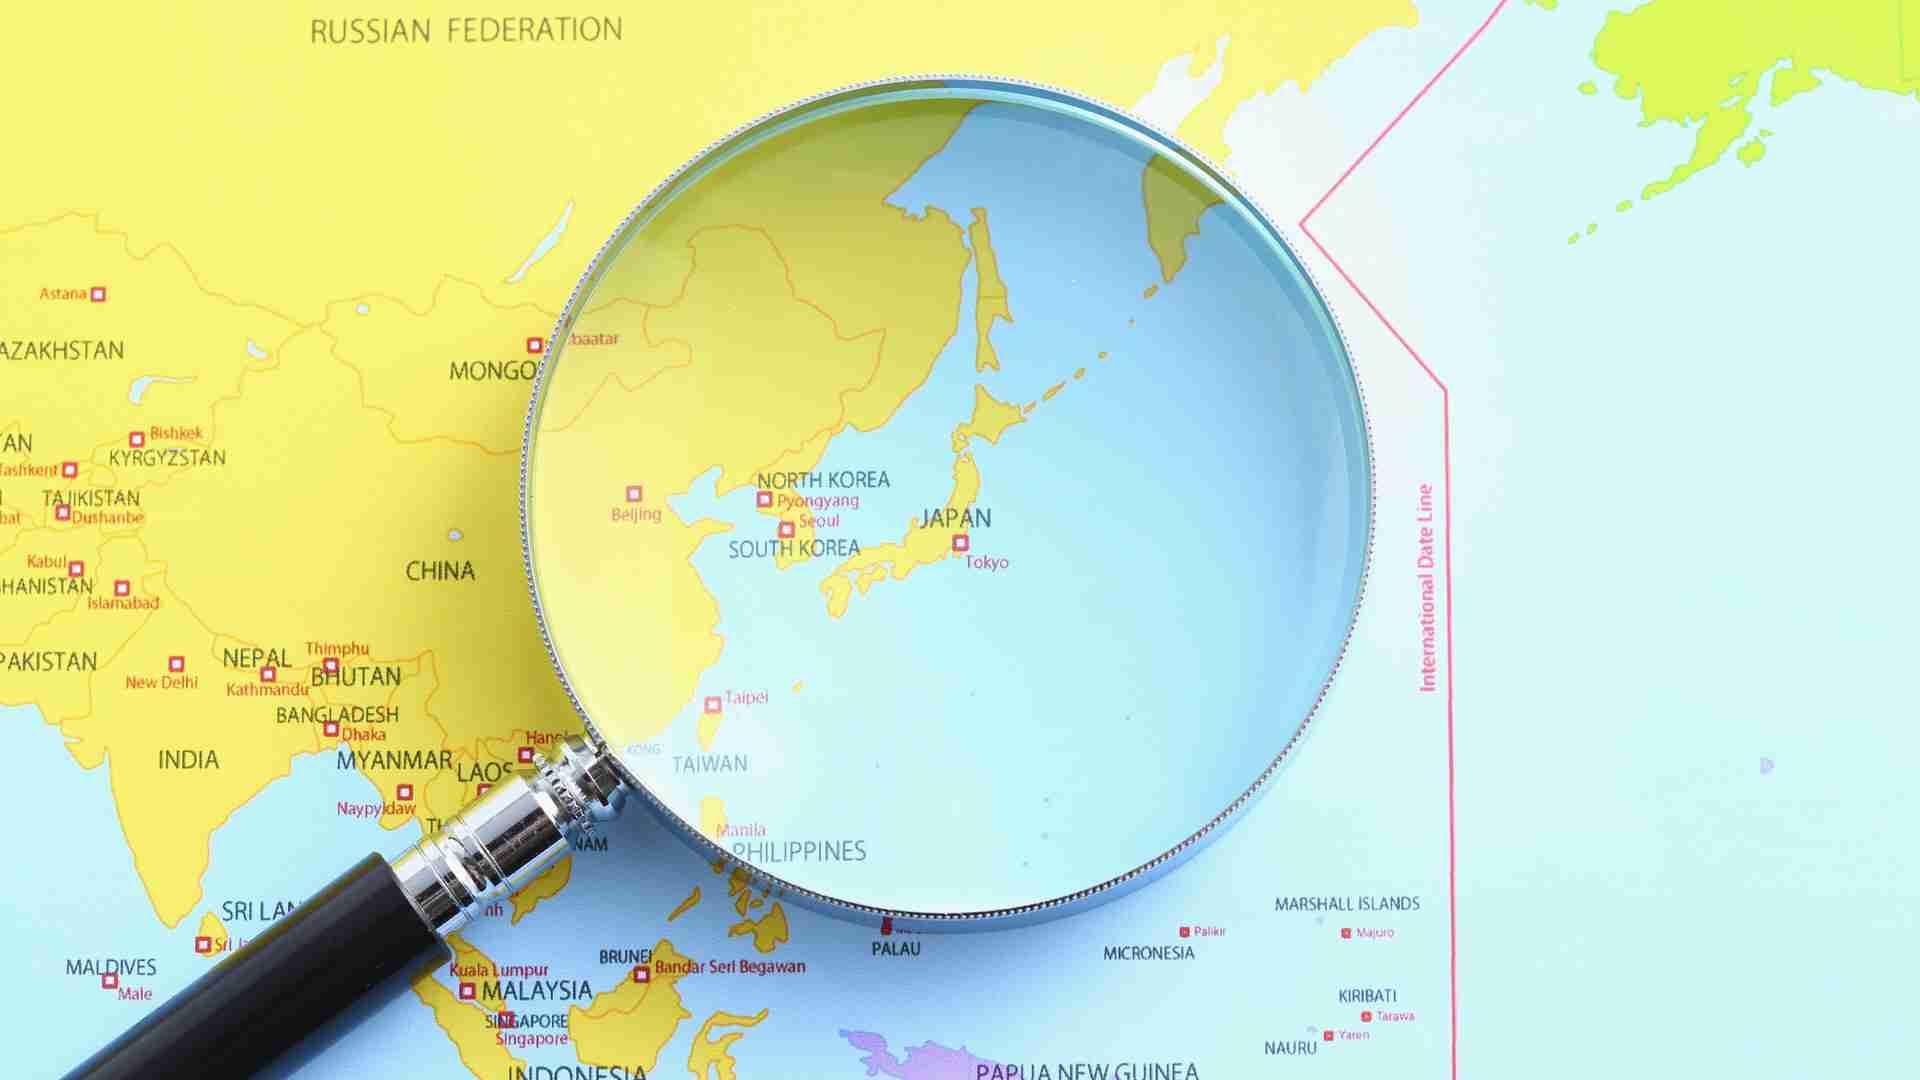 日本が一番中国二番…米国のアジア地域諸国に対するパートナー意識の重要度推移をさぐる(不破雷蔵) - 個人 - Yahoo!ニュース